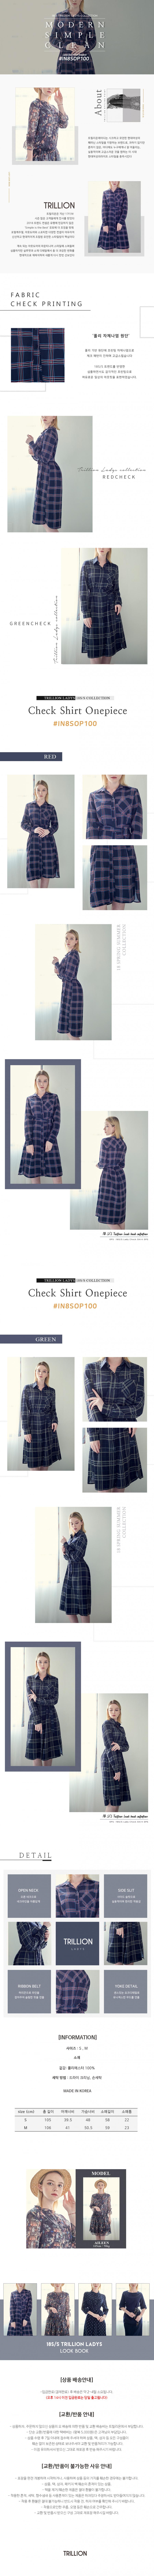 트릴리온(TRILLION) 체크 셔츠 원피스 - IN8SOP100